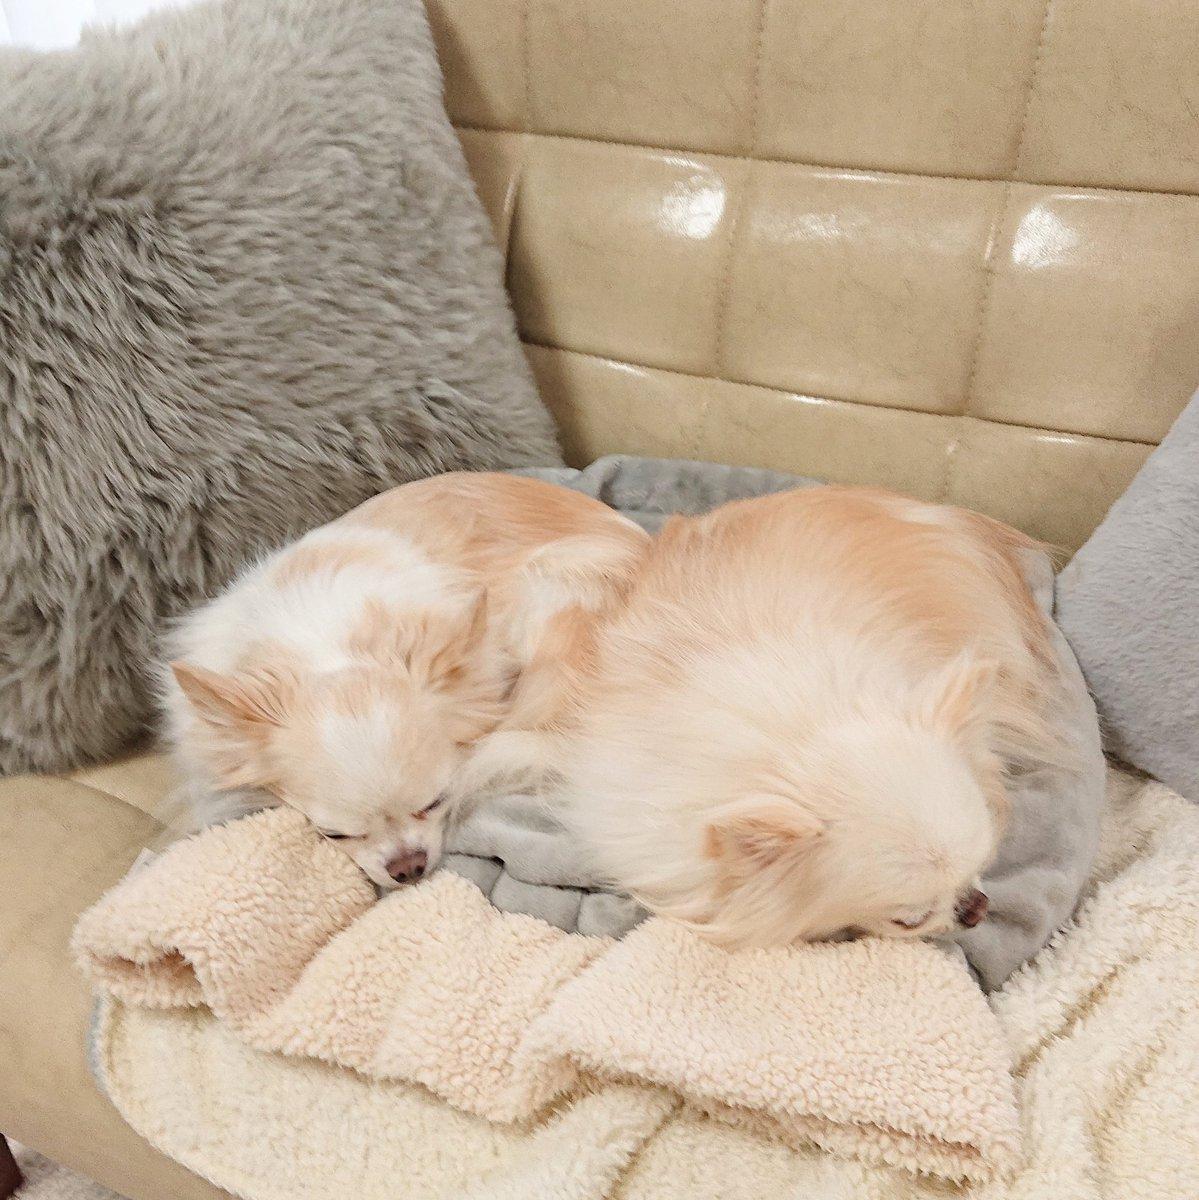 昨日からかなり寒め。 くっついて寝とこー!  #チワワ #ちわわ #ロングコートチワワ #Chihuahua #ちび太 #風太 #犬 #dog